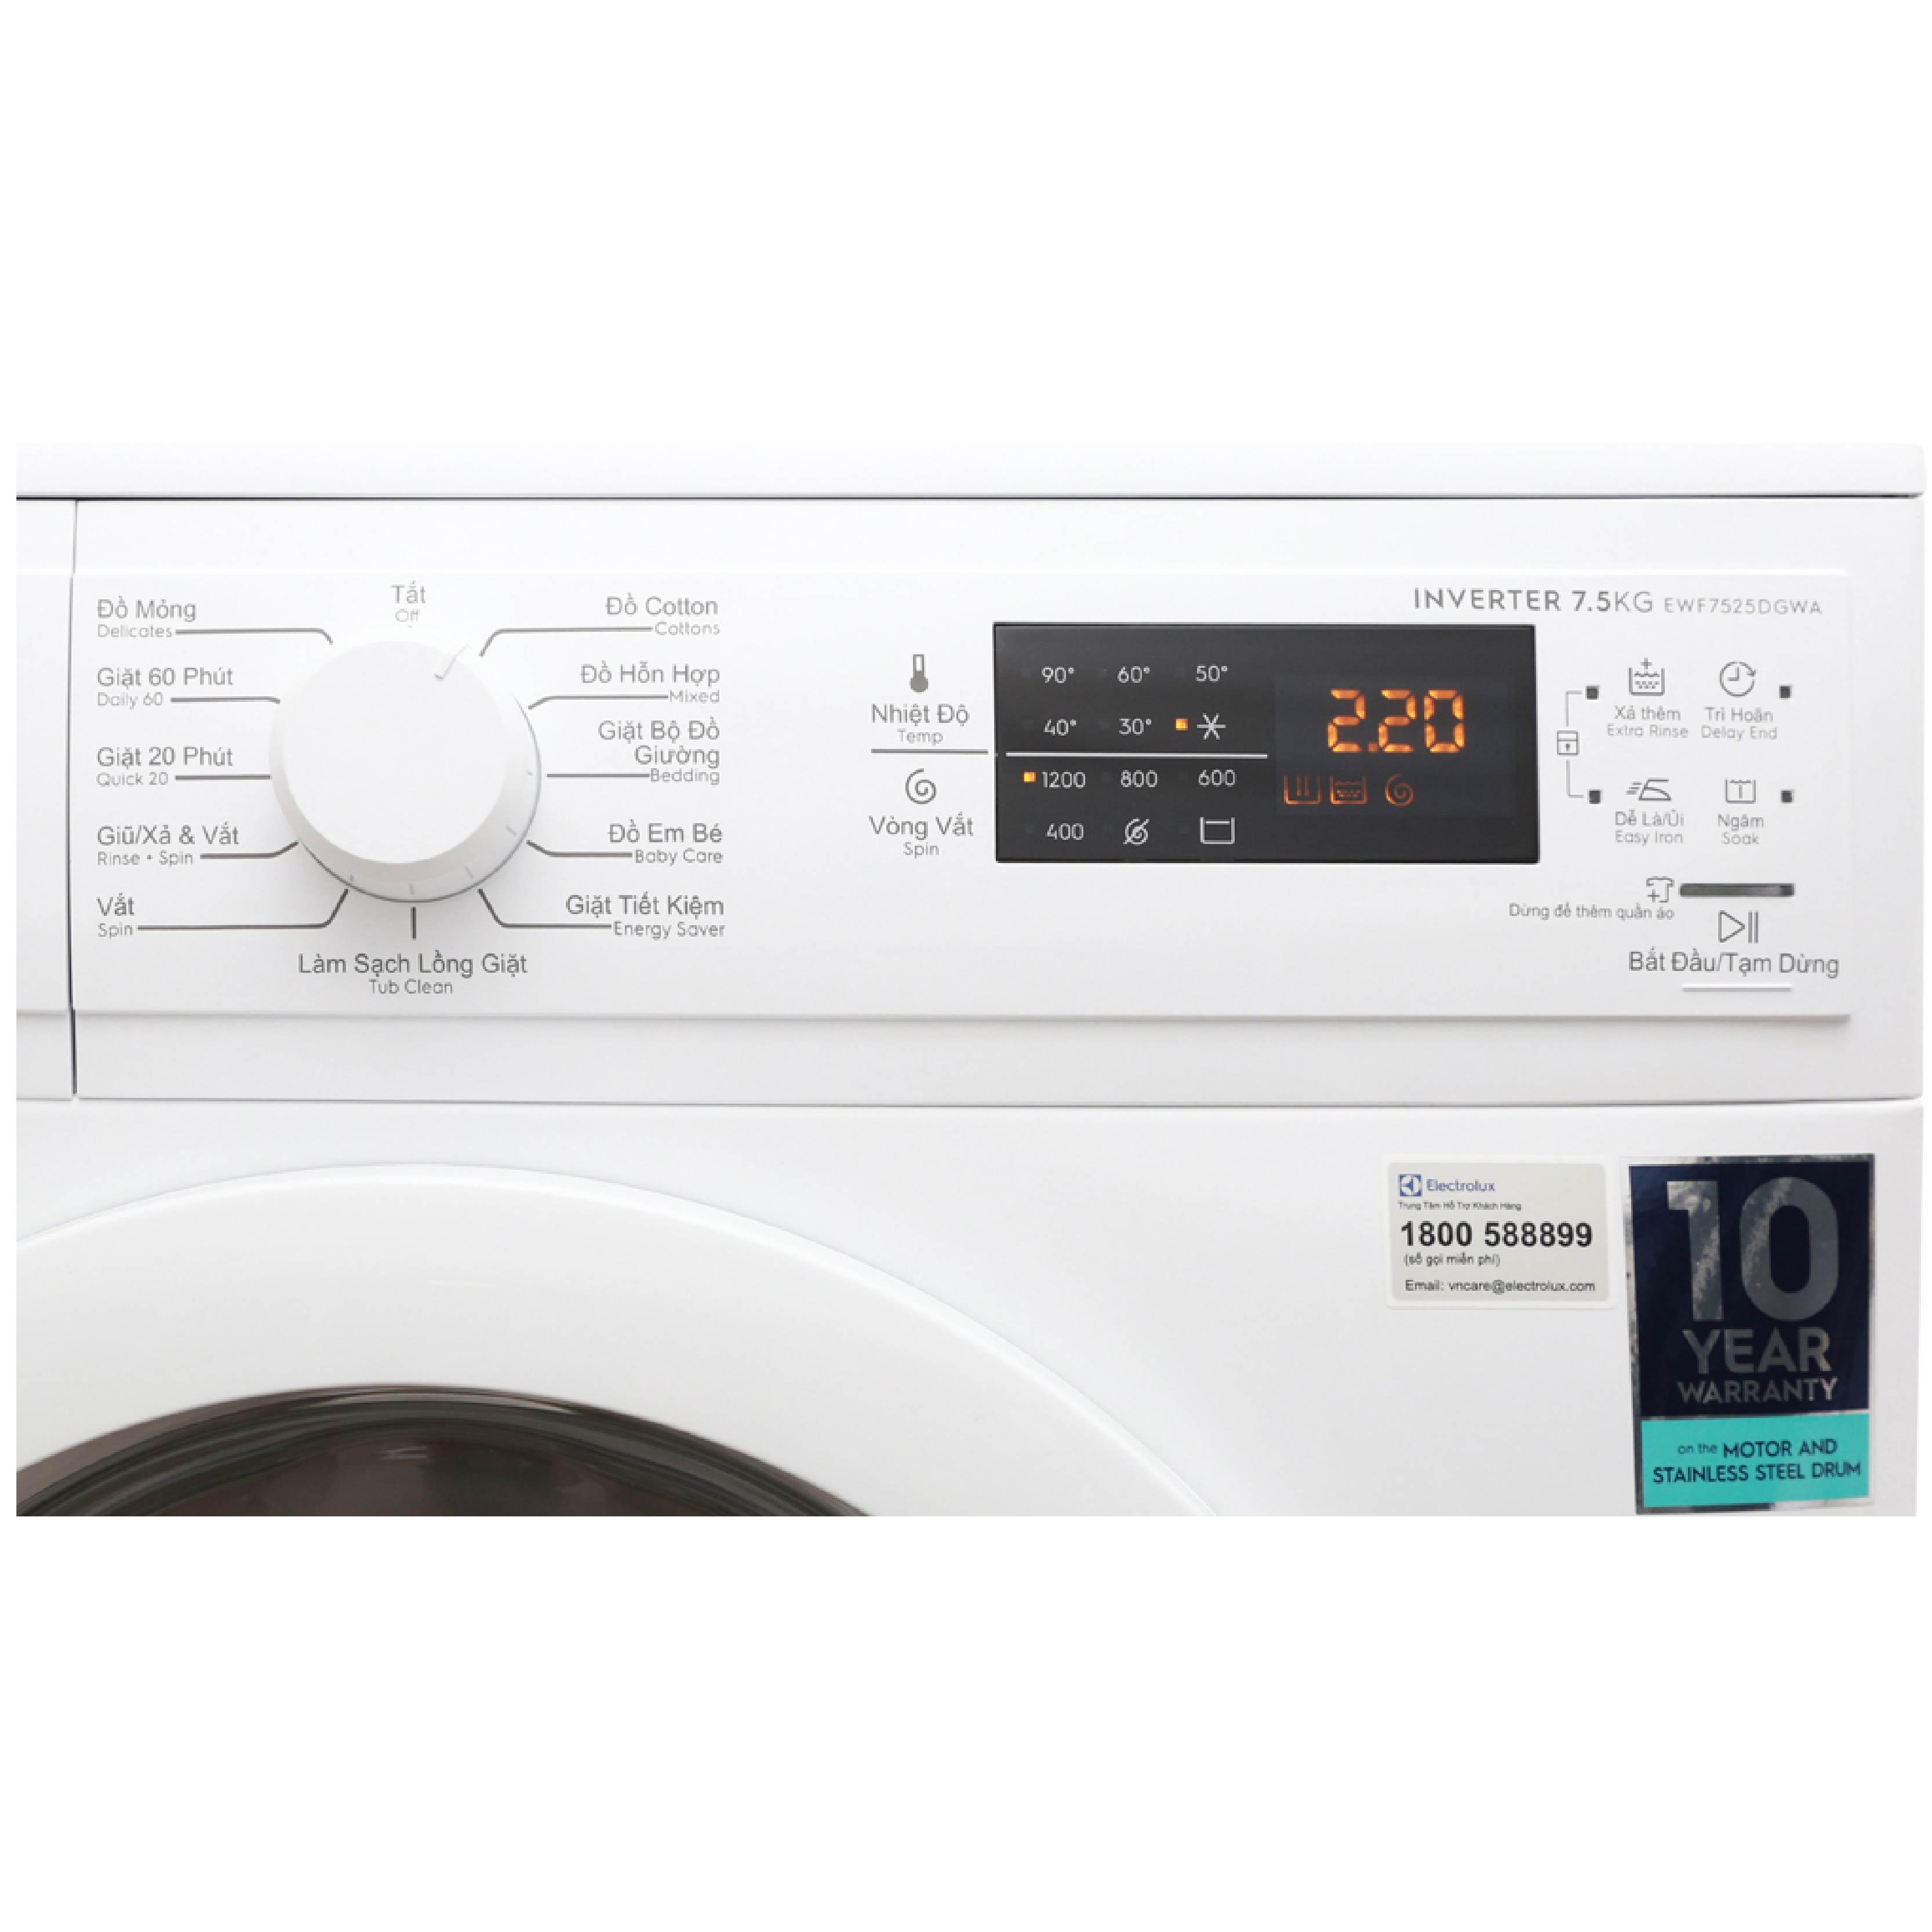 Máy giặt Electrolux 8kg EWF8025DGWA